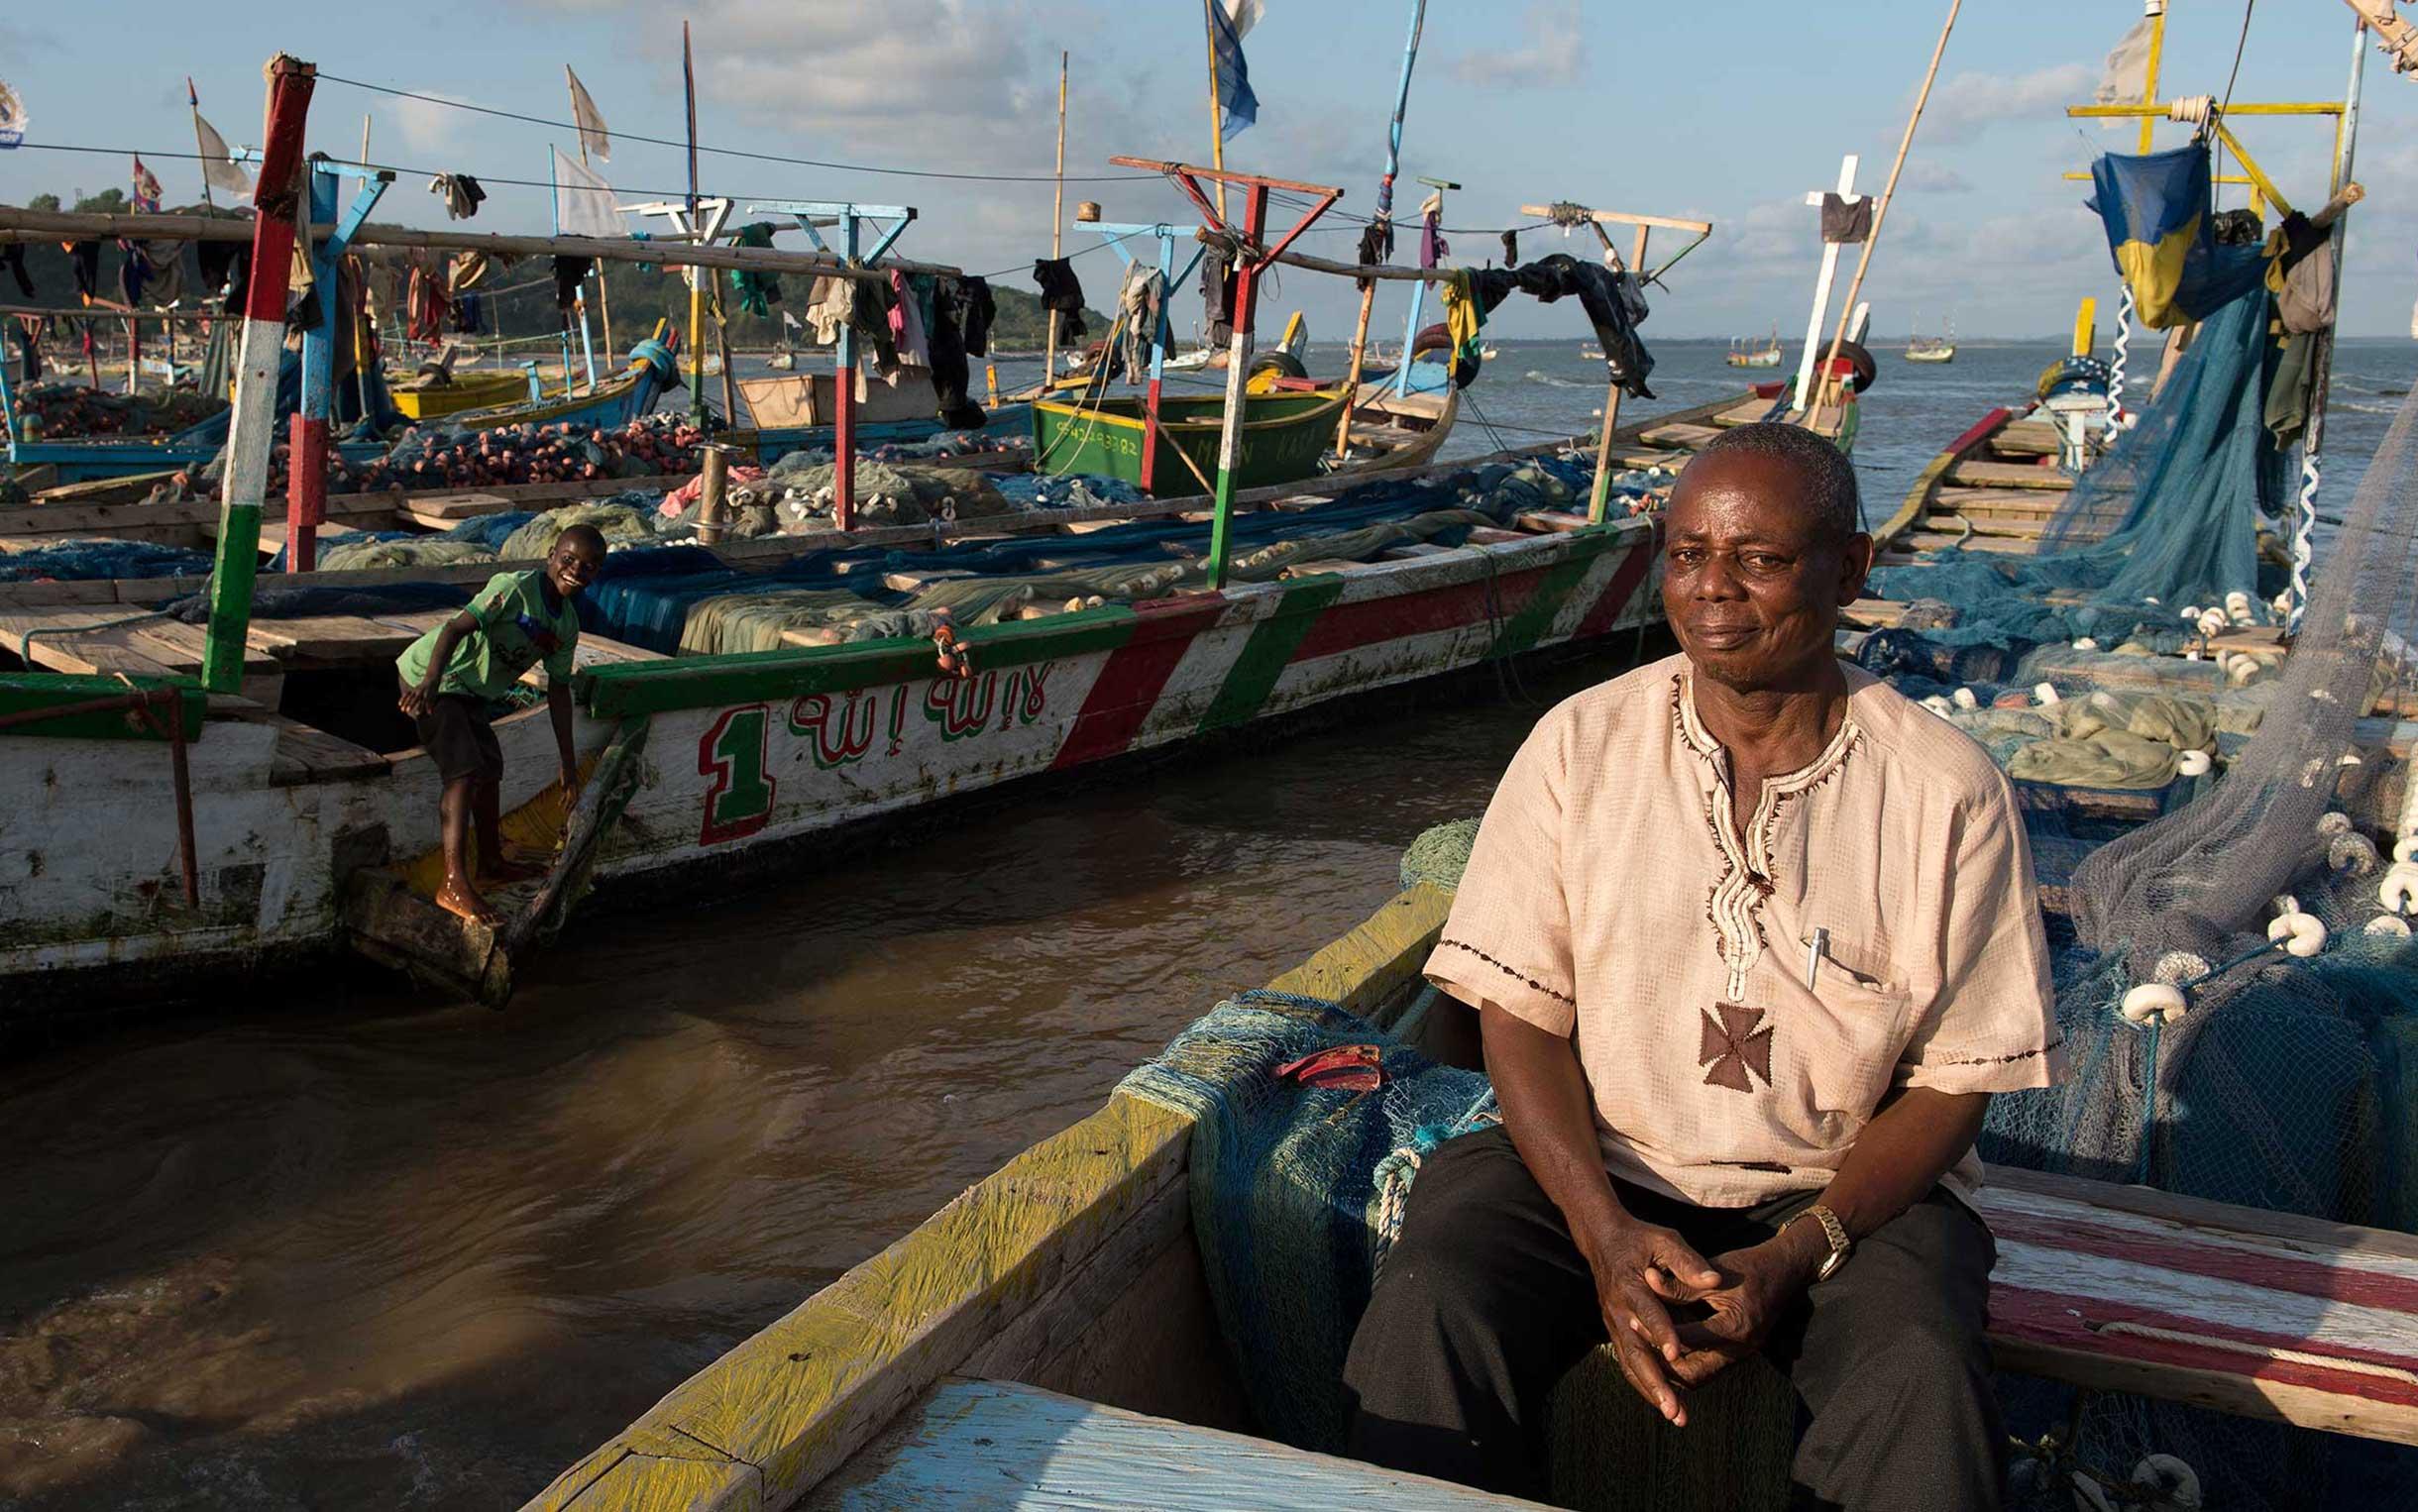 aid-works-kojo-kondua-ghana-ous-47801